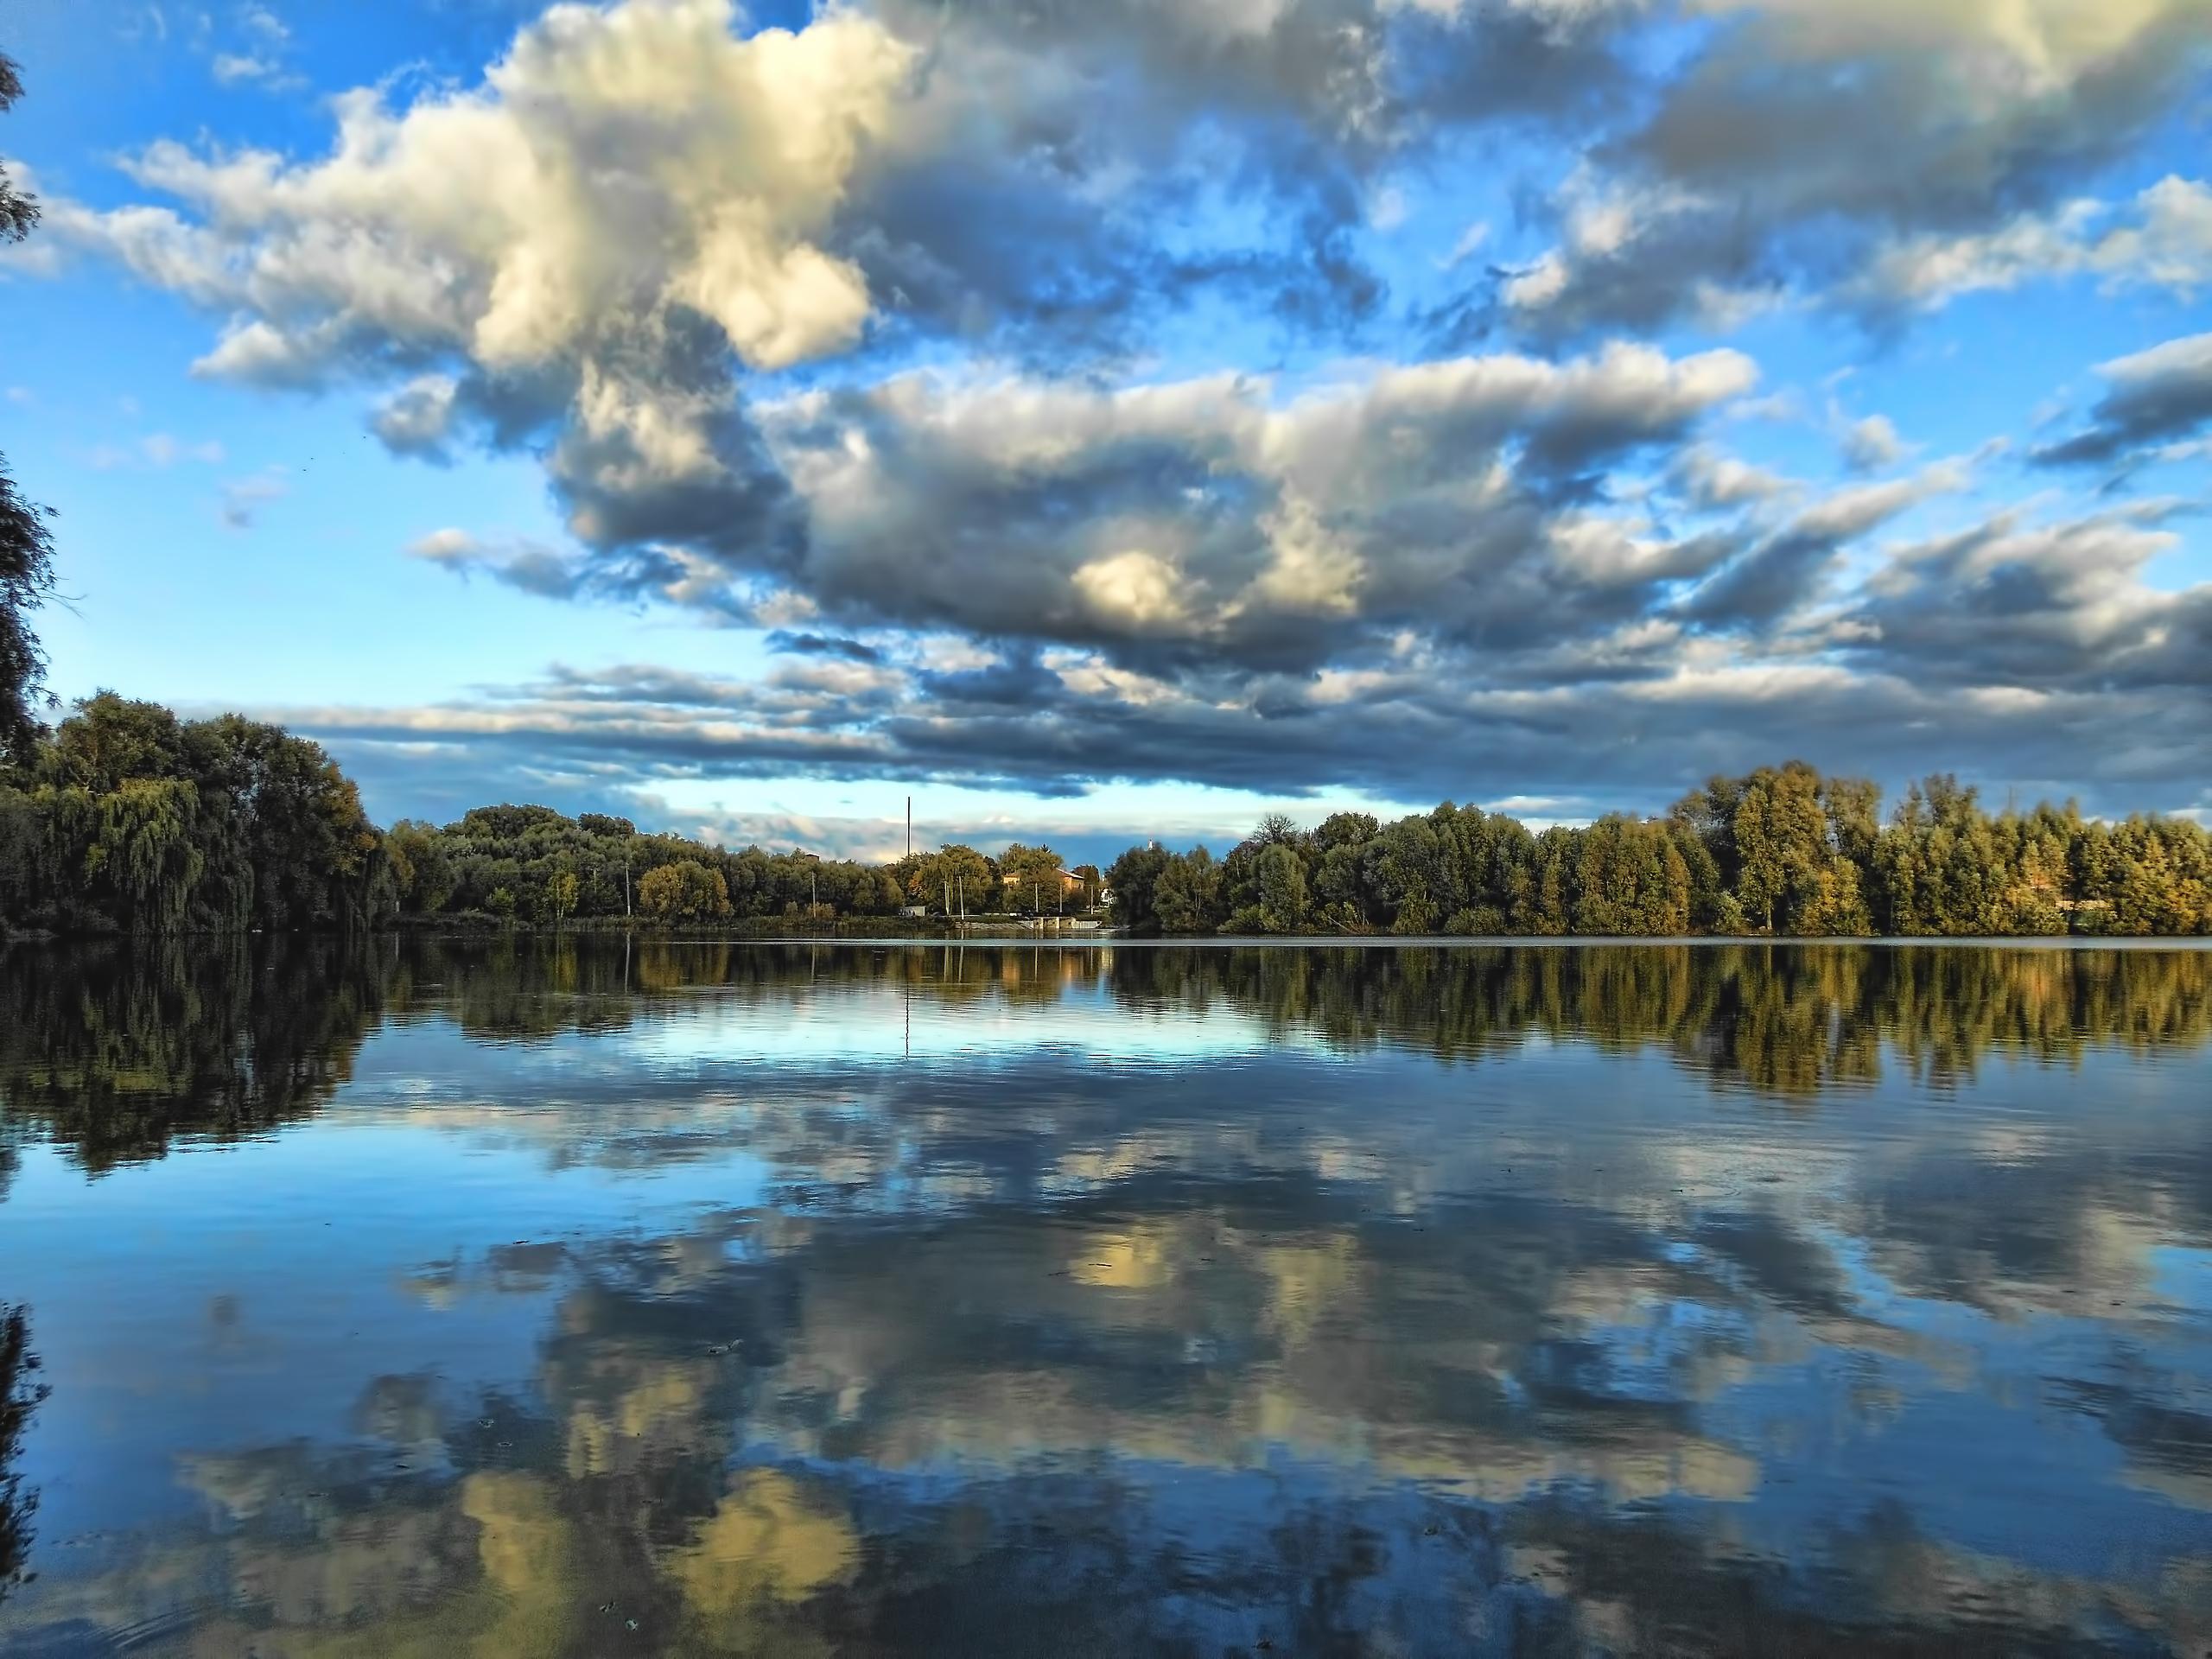 природа река деревья облака небо  № 316568 загрузить